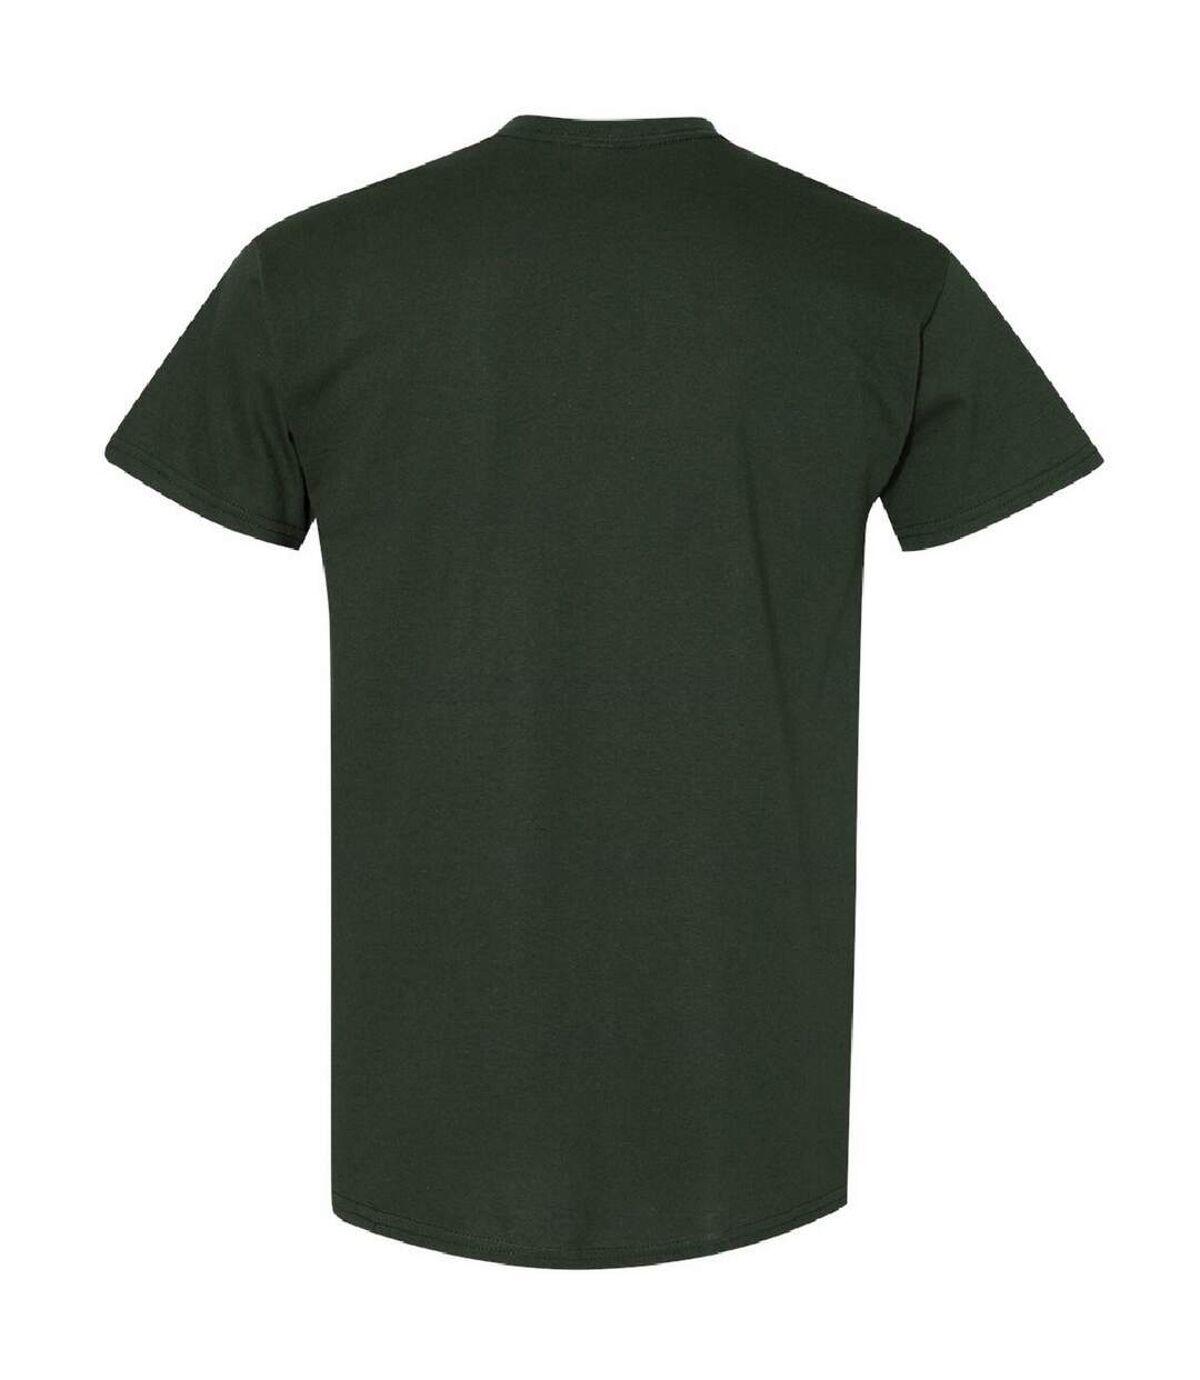 Gildan Mens Heavy Cotton Short Sleeve T-Shirt (Forest Green) - UTBC481